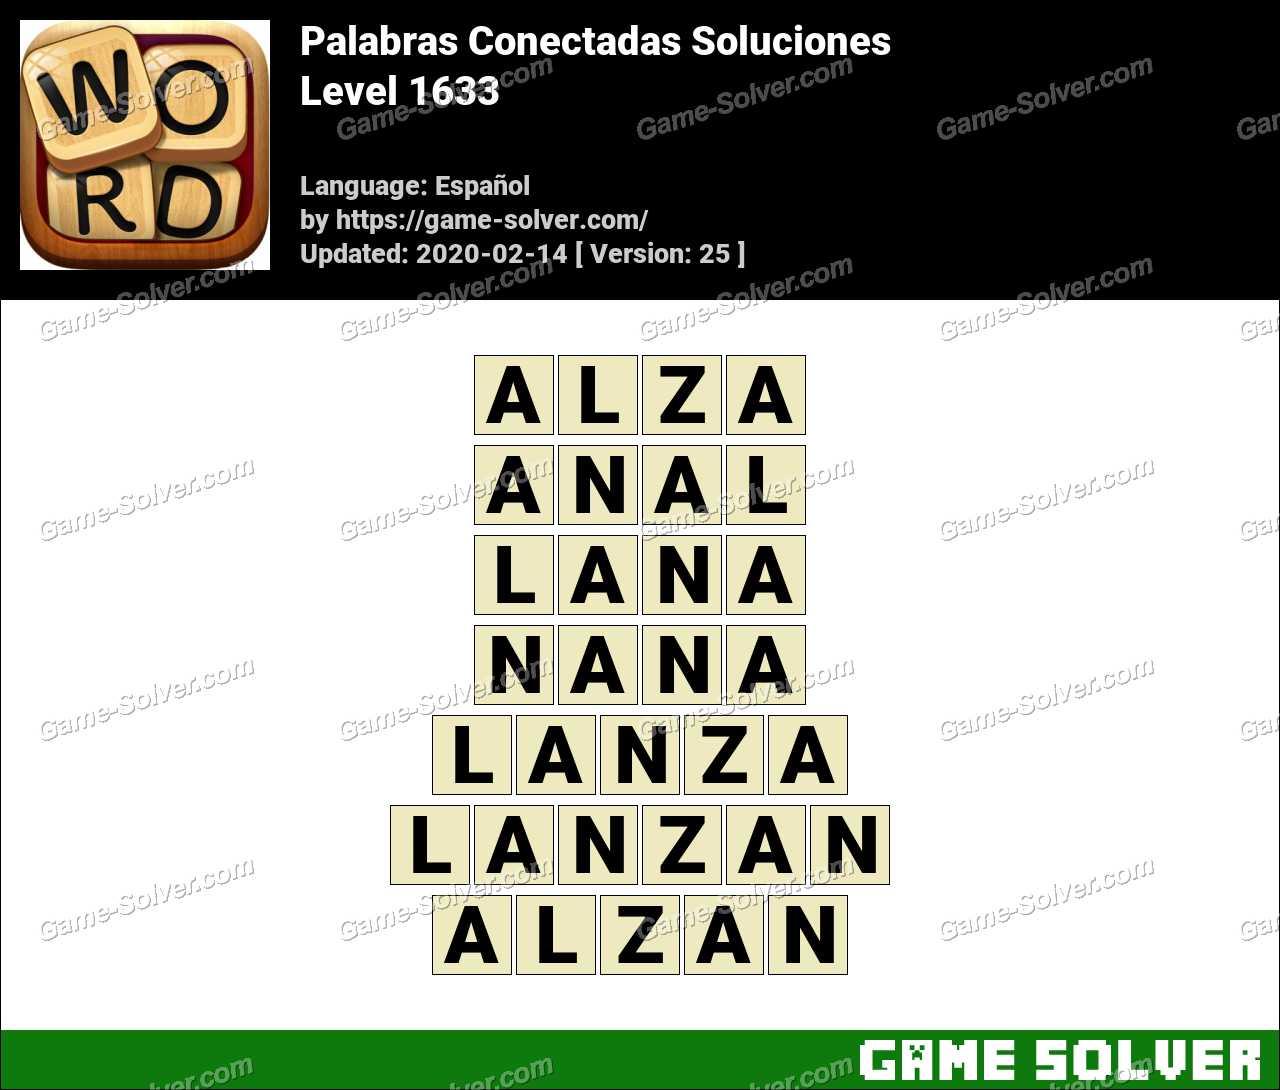 Palabras Conectadas Nivel 1633 Soluciones